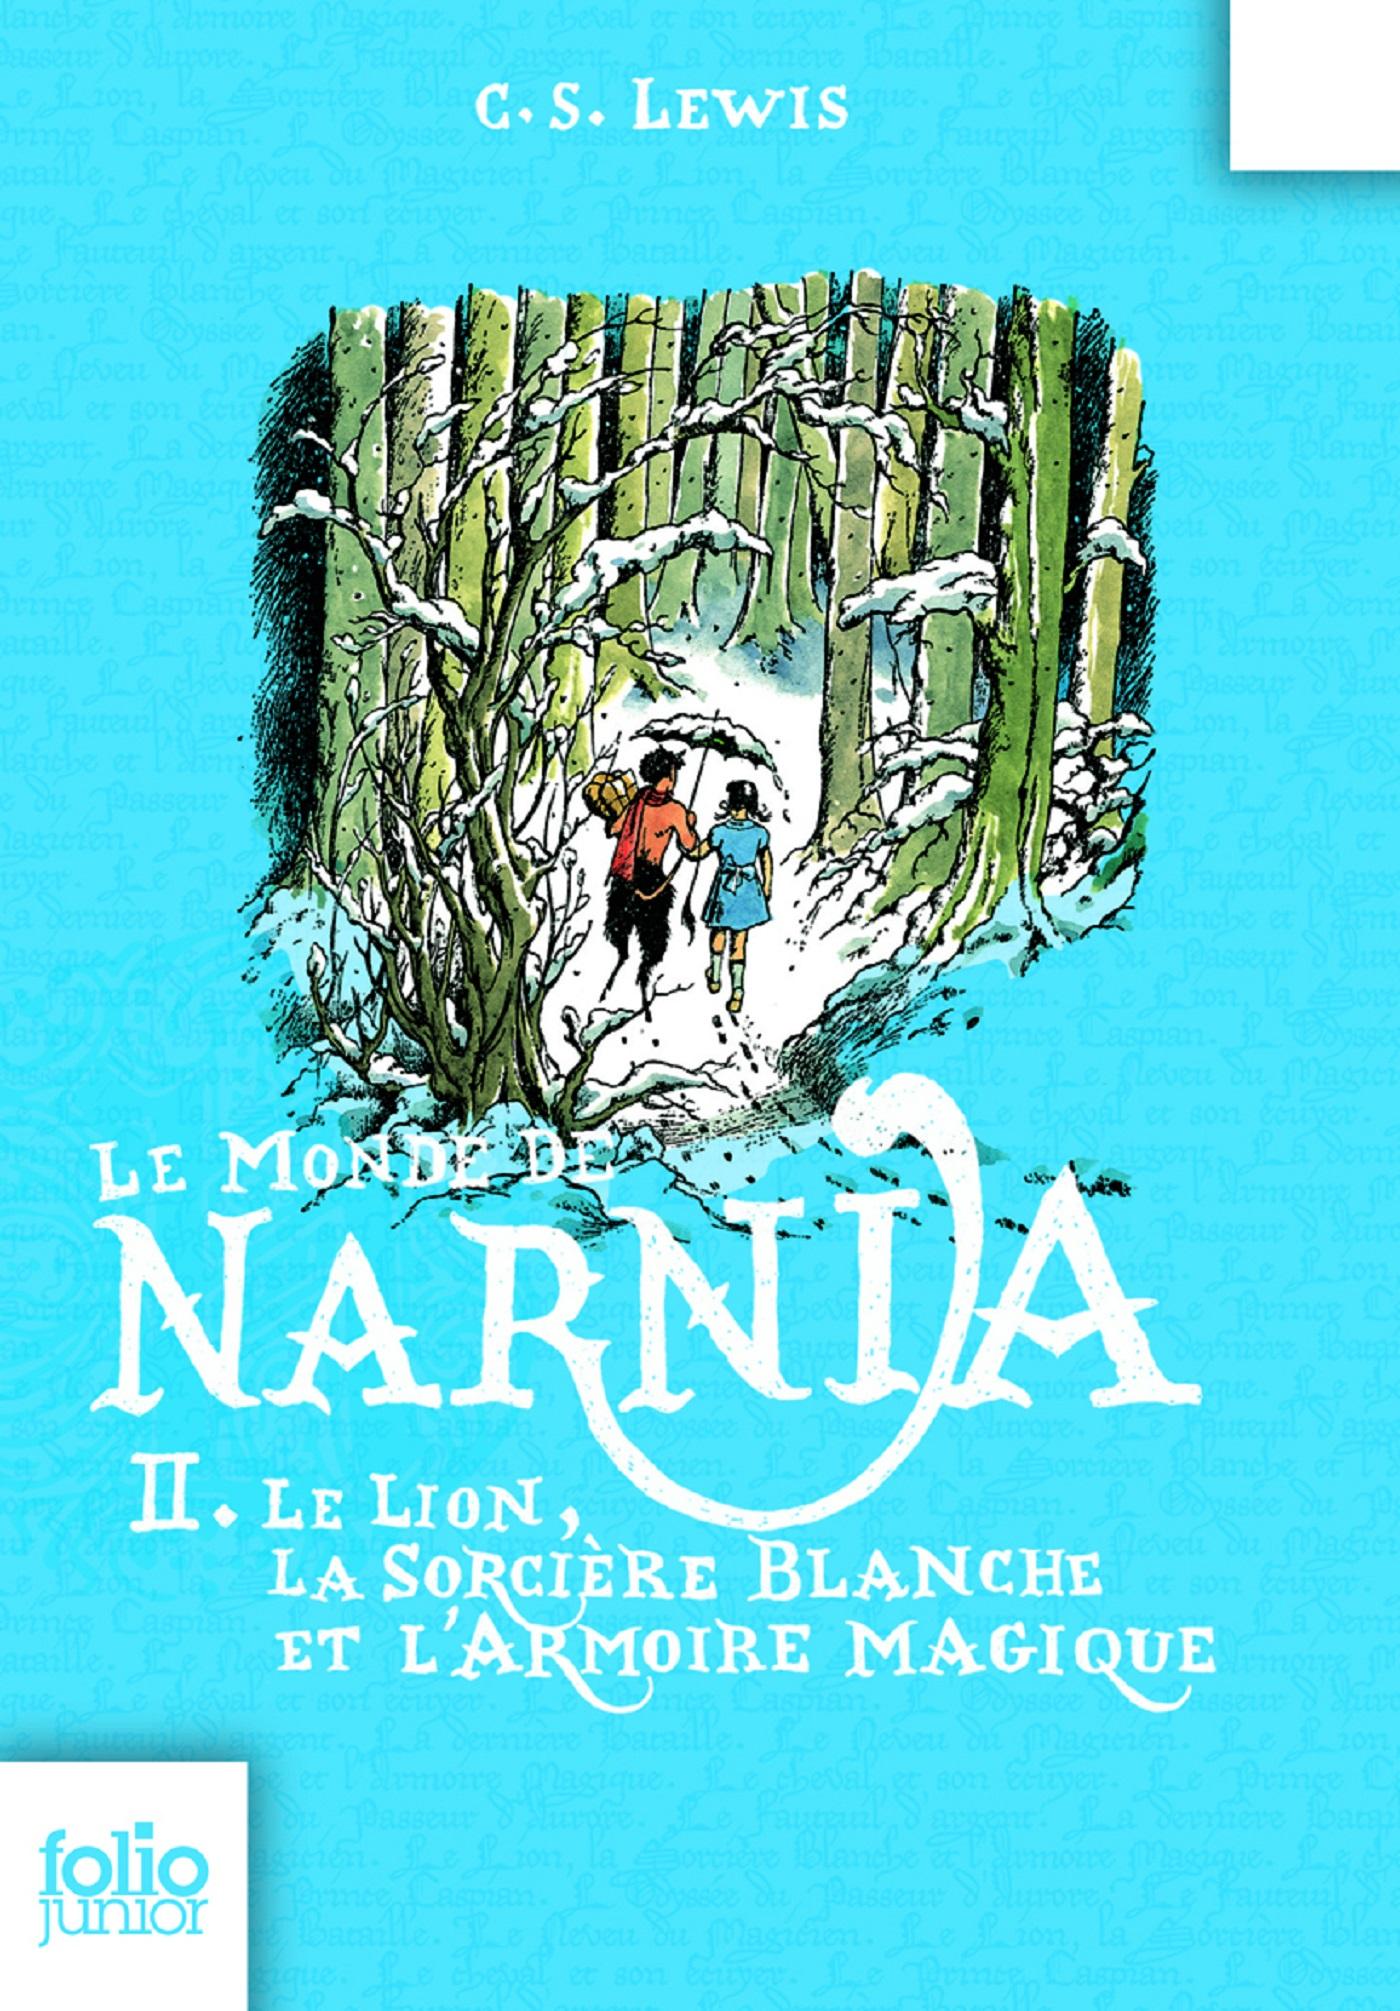 Le Monde de Narnia (Tome 2) - Le lion, la sorcière blanche et l'armoire magique